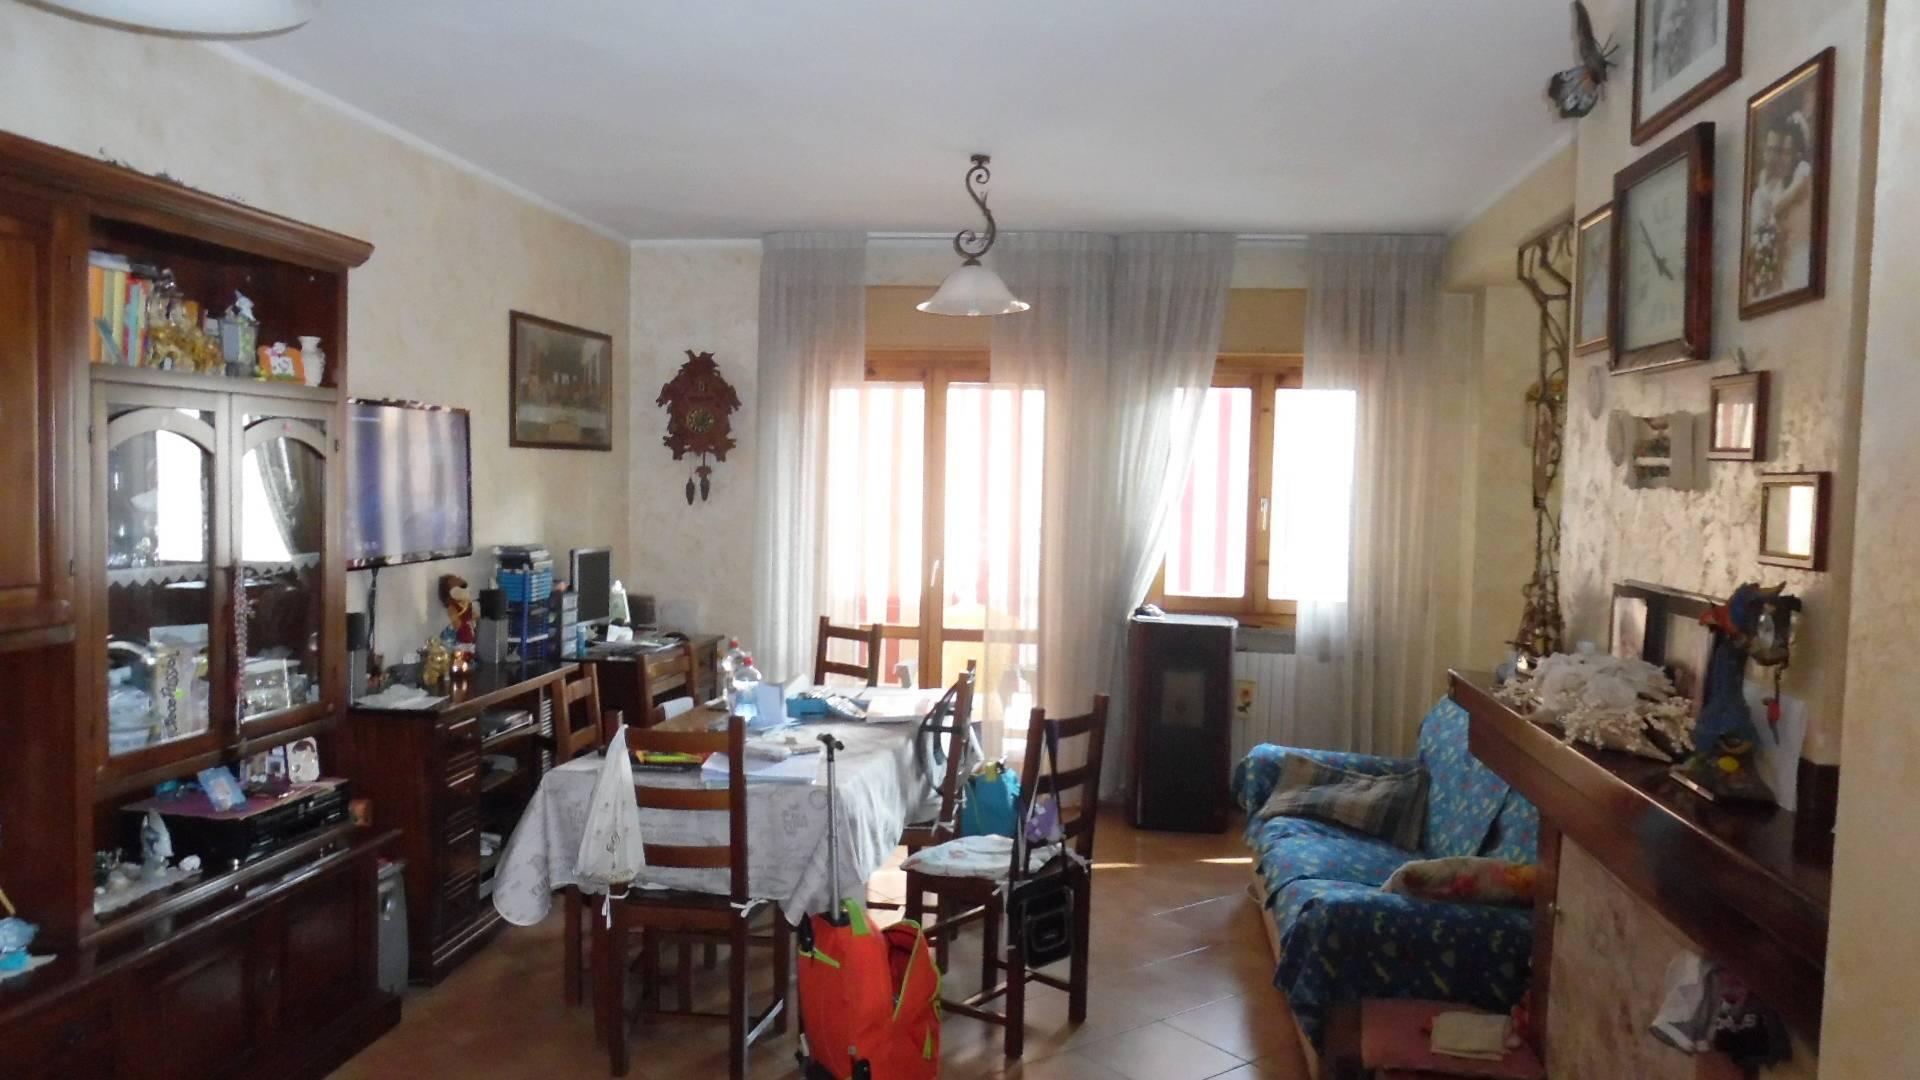 Appartamento in vendita a San Benedetto del Tronto, 3 locali, zona Località: PortodAscoli, prezzo € 189.000   CambioCasa.it